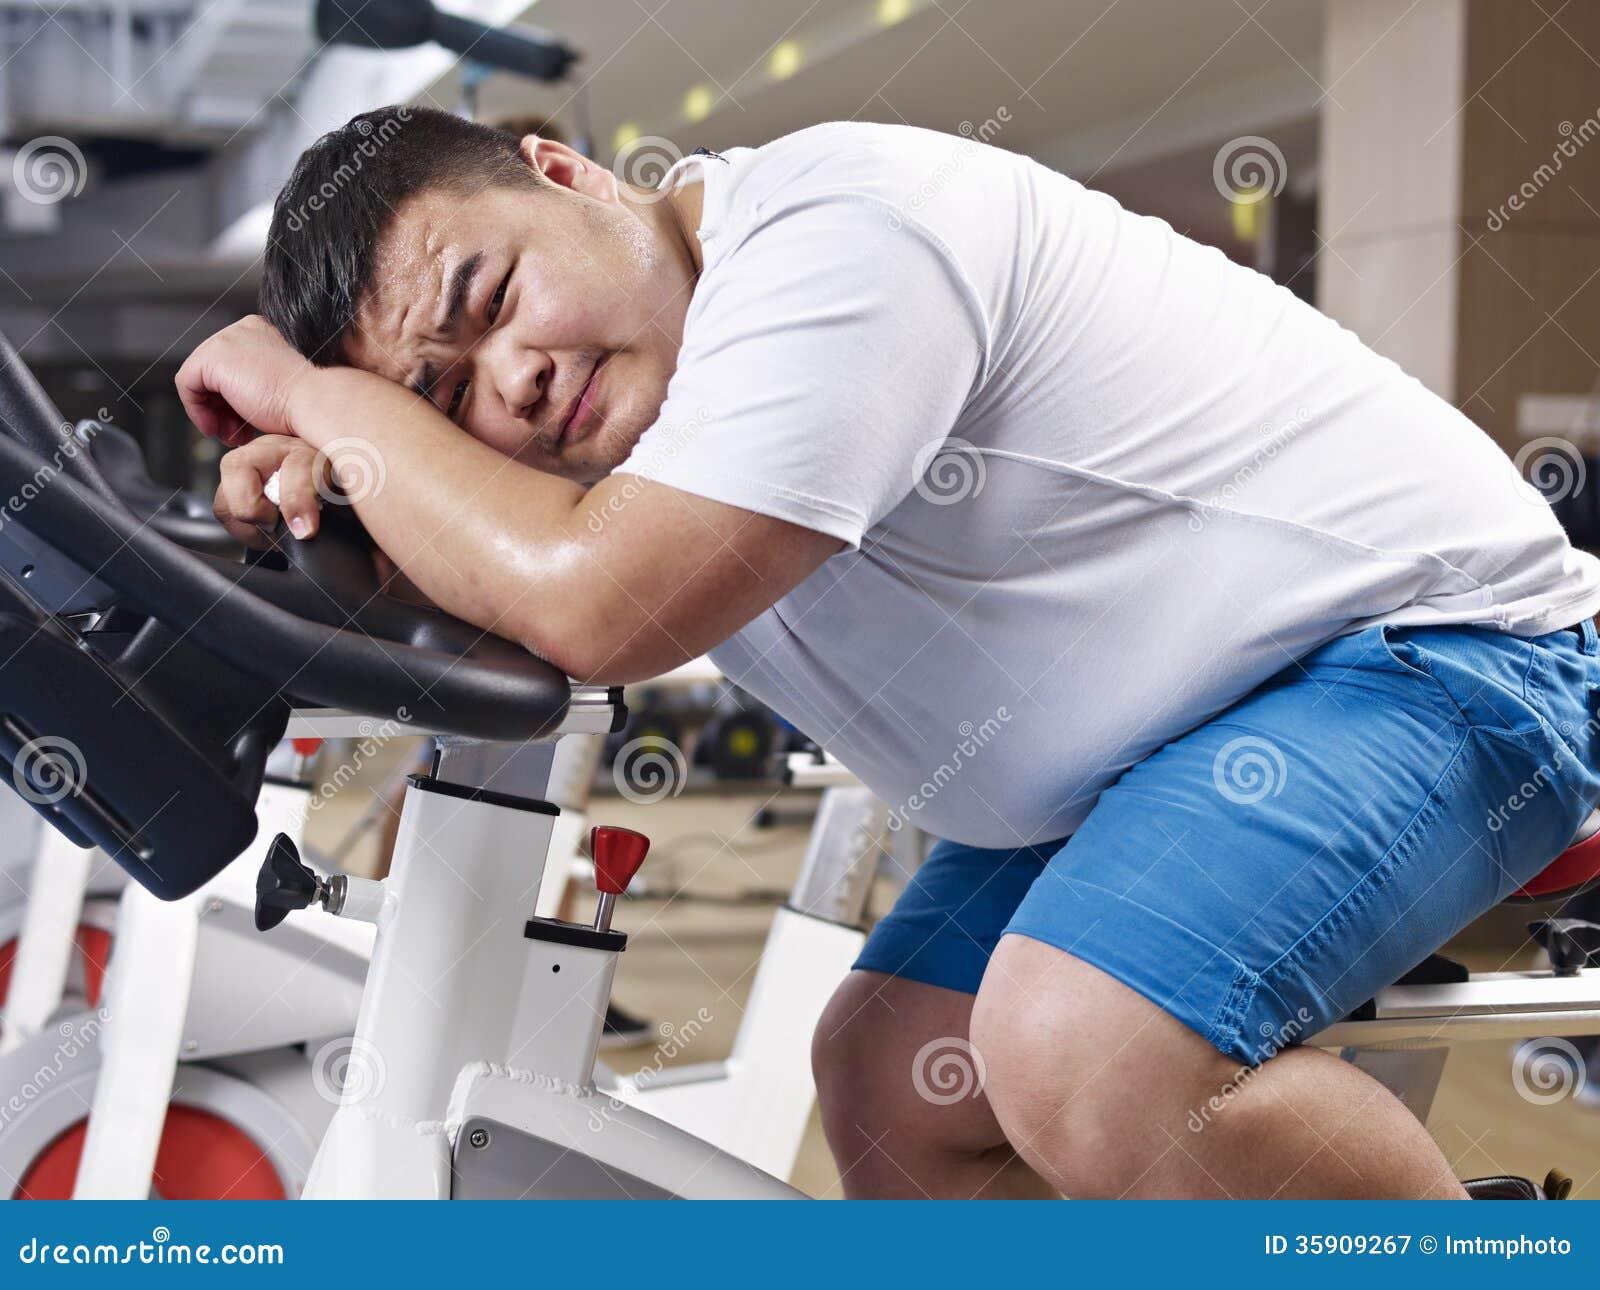 【筋肉デブ】デカい体を愛するスレ15【がちでぶ】 [無断転載禁止]©bbspink.comYouTube動画>26本 ->画像>461枚